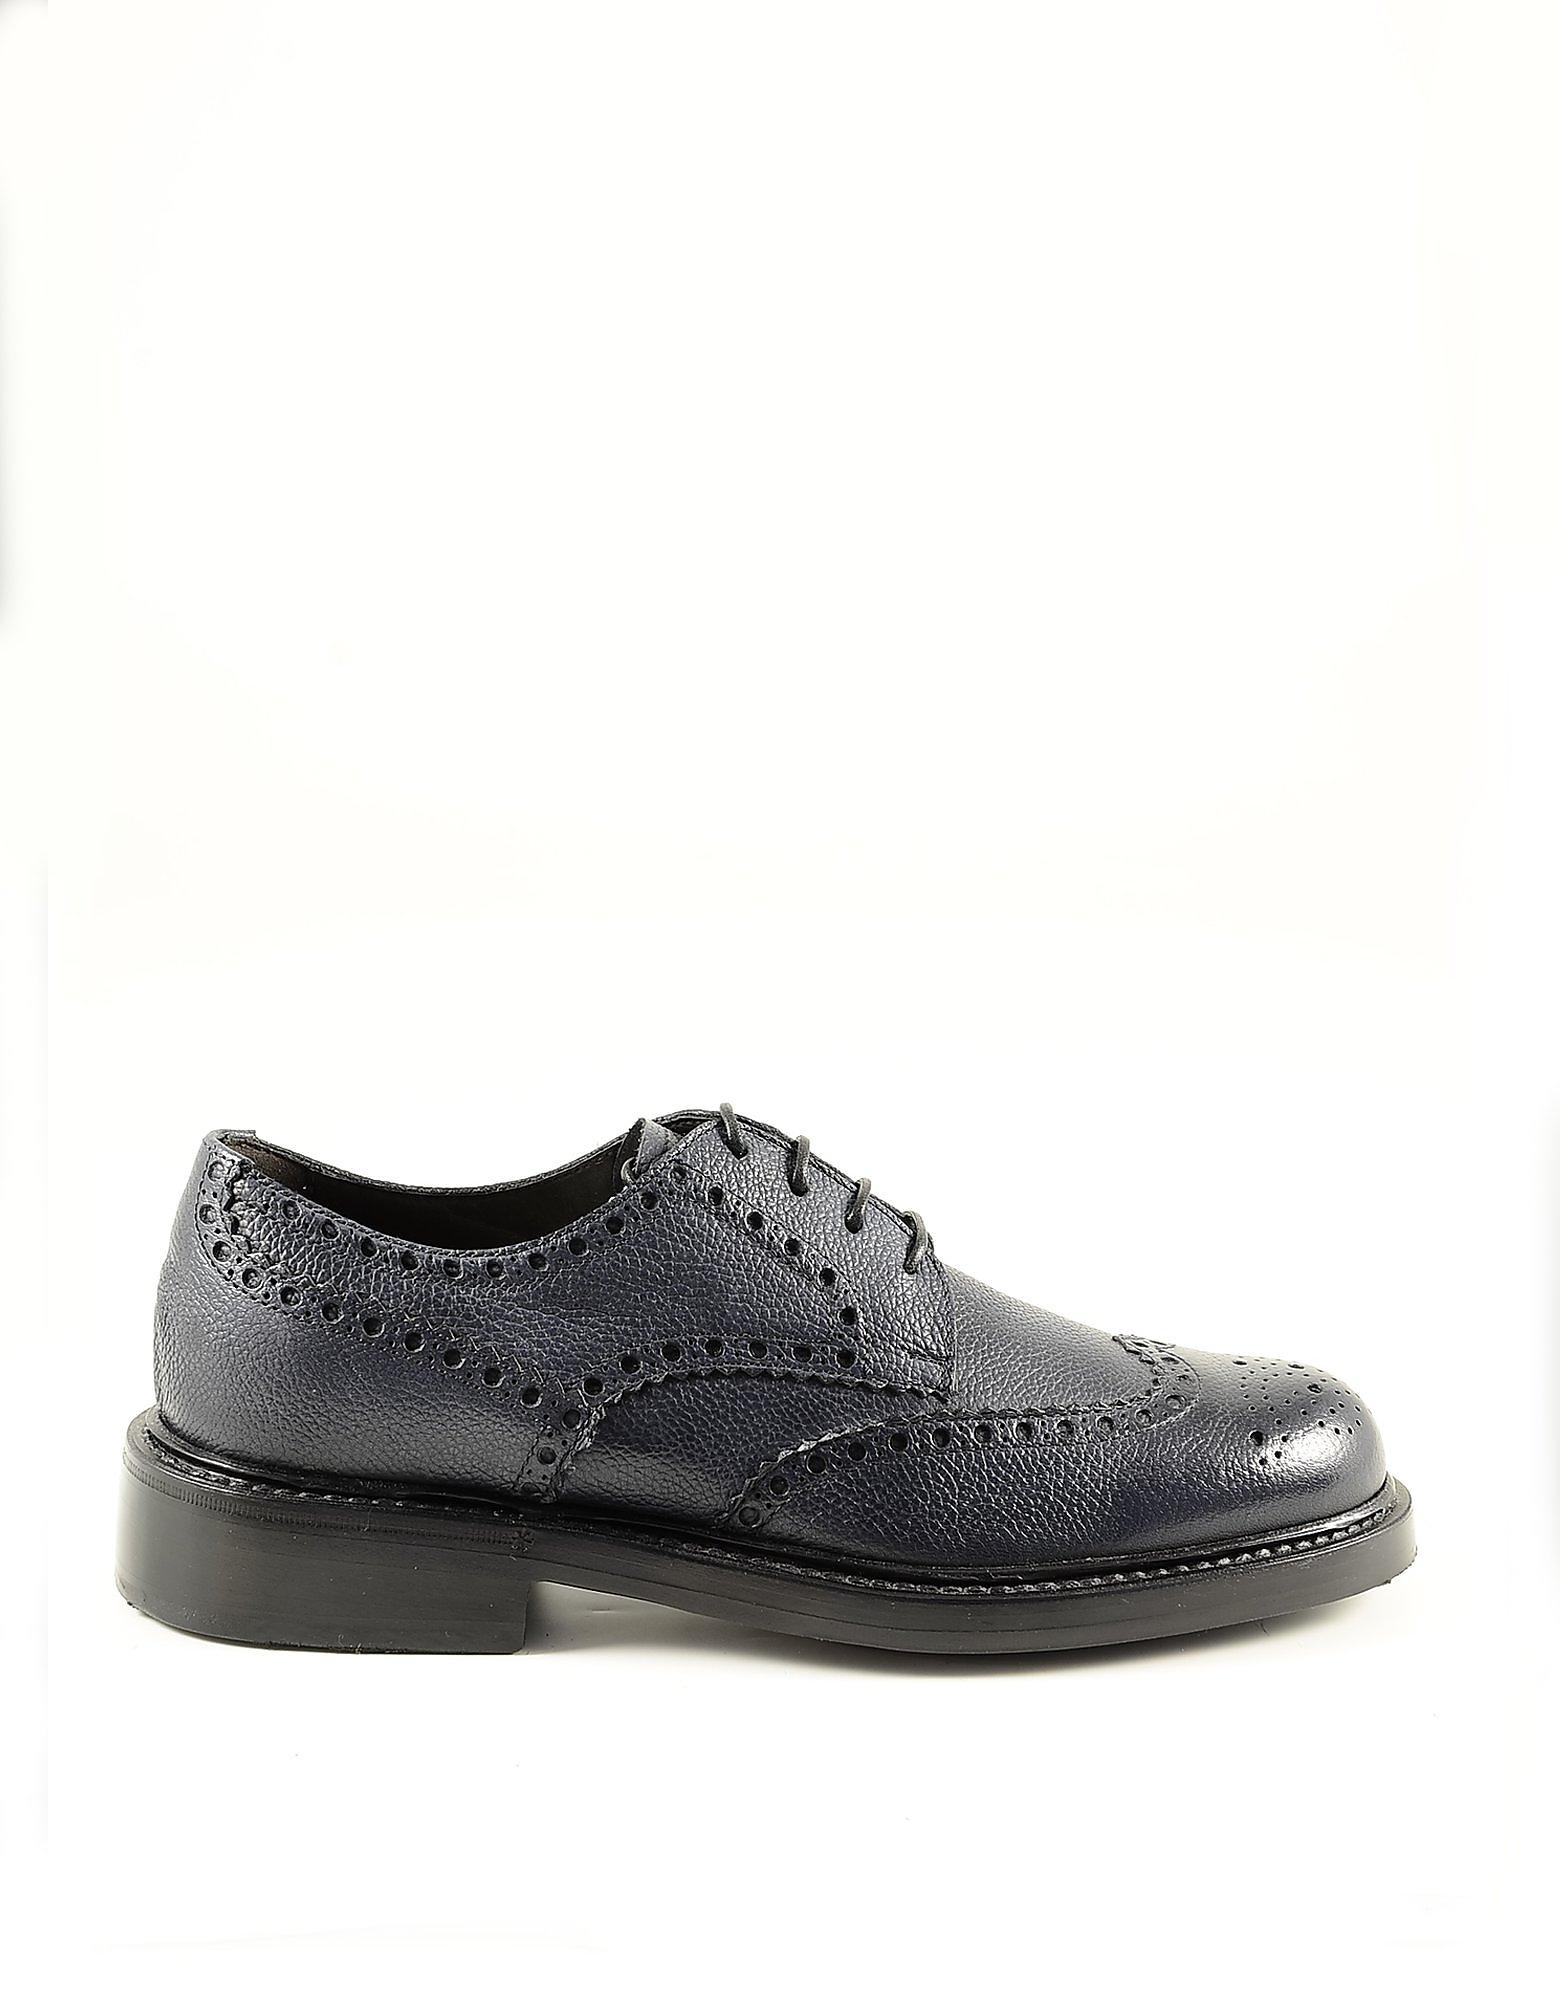 Neil Barrett Designer Shoes, Blue Leather Men's Derby Shoes